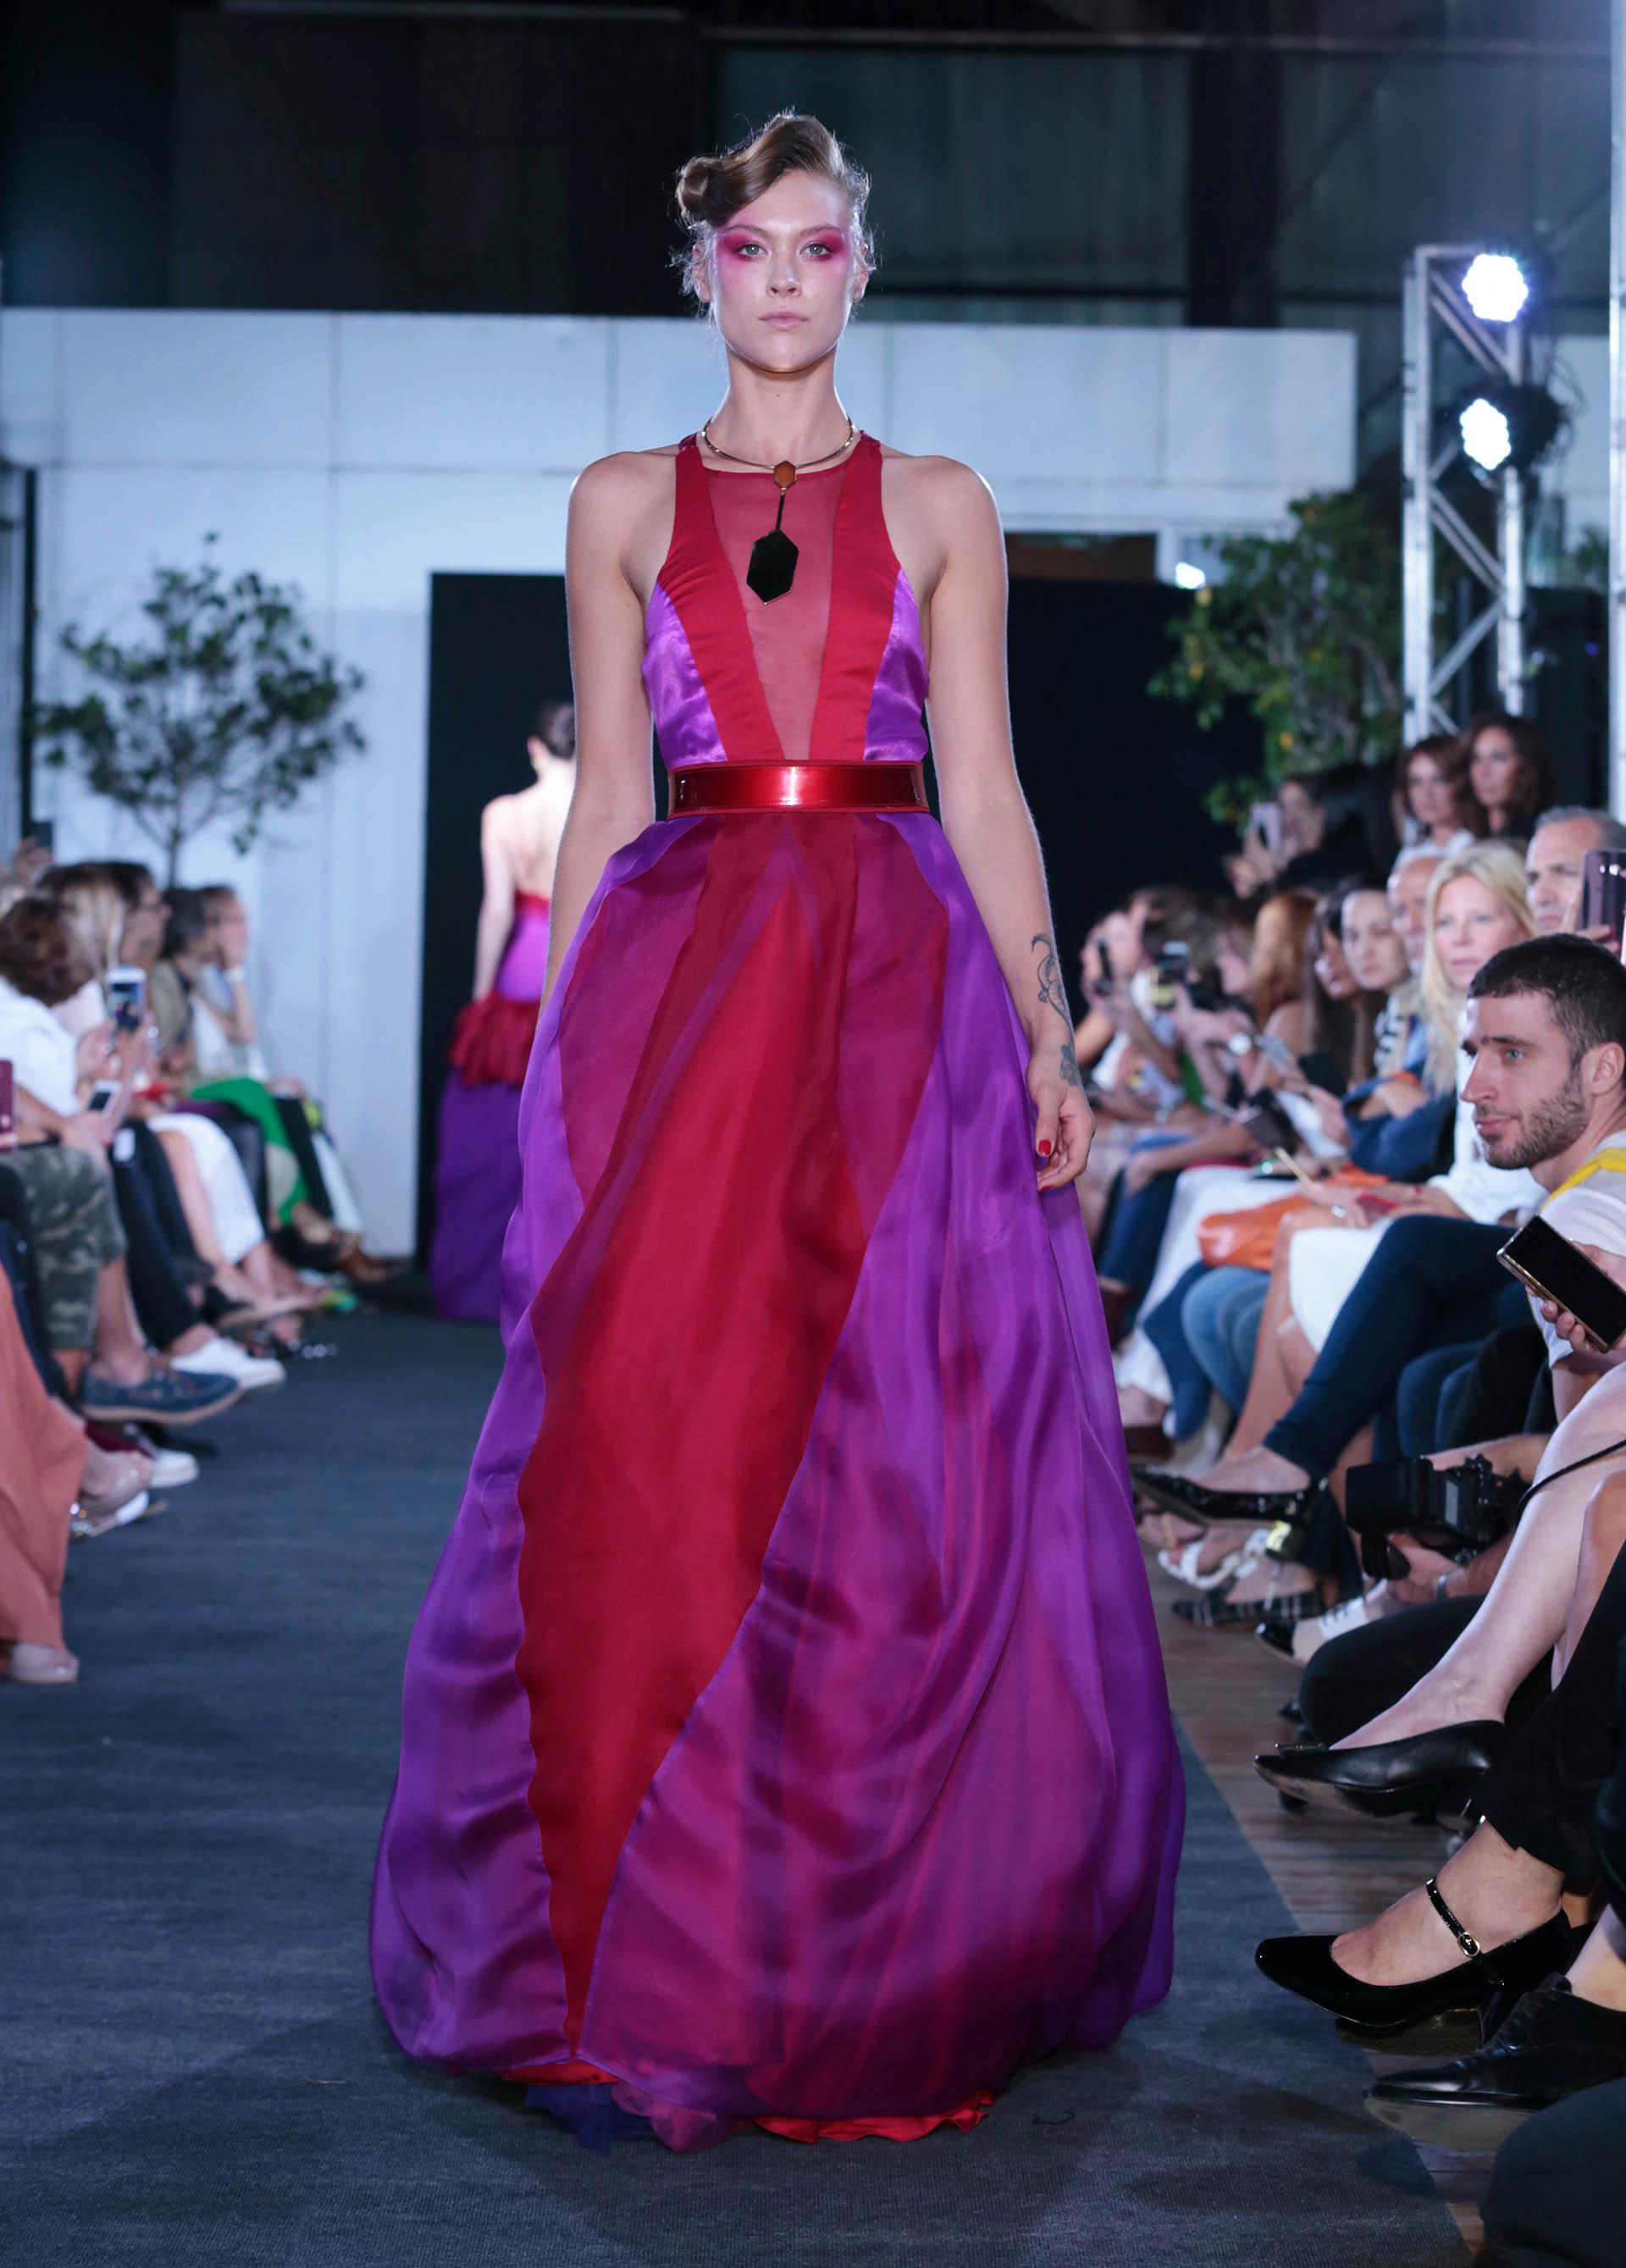 Fucsia y rojo, los colores elegidos por el diseñador para las organzas y tules